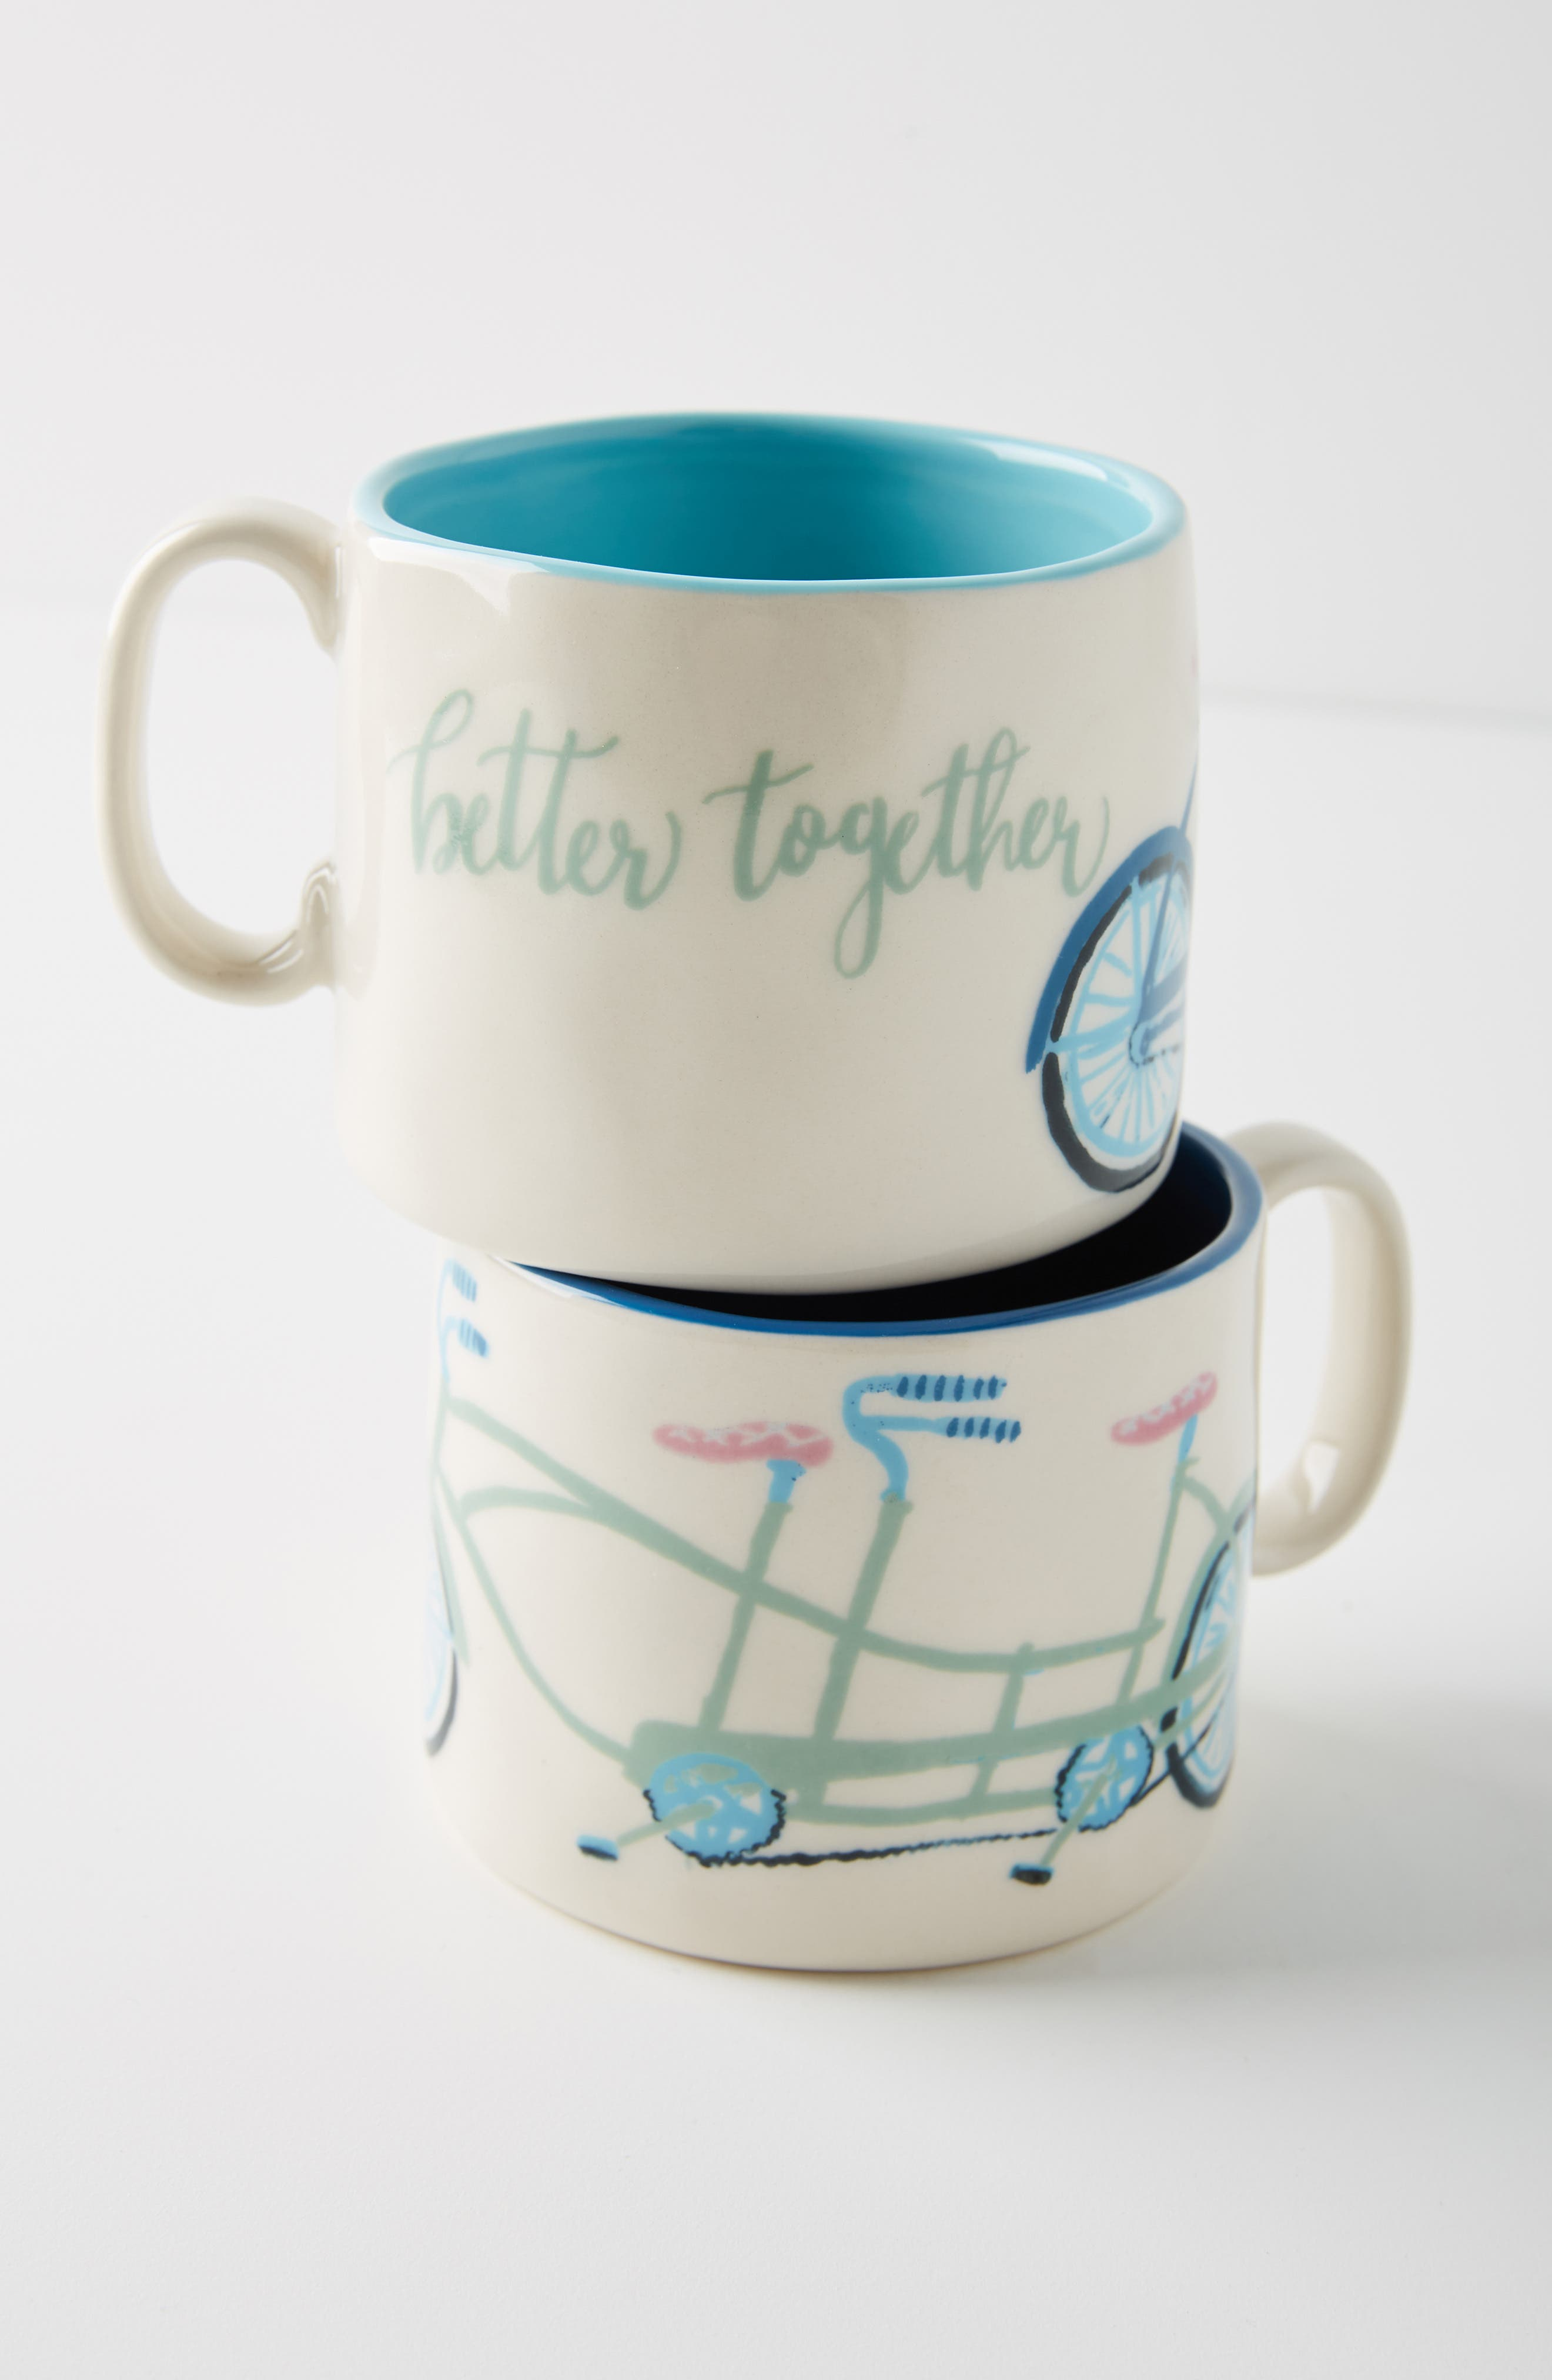 ANTHROPOLOGIE,                             Tandem Mug Set of 2 Mugs,                             Alternate thumbnail 2, color,                             BETTER TOGETHER